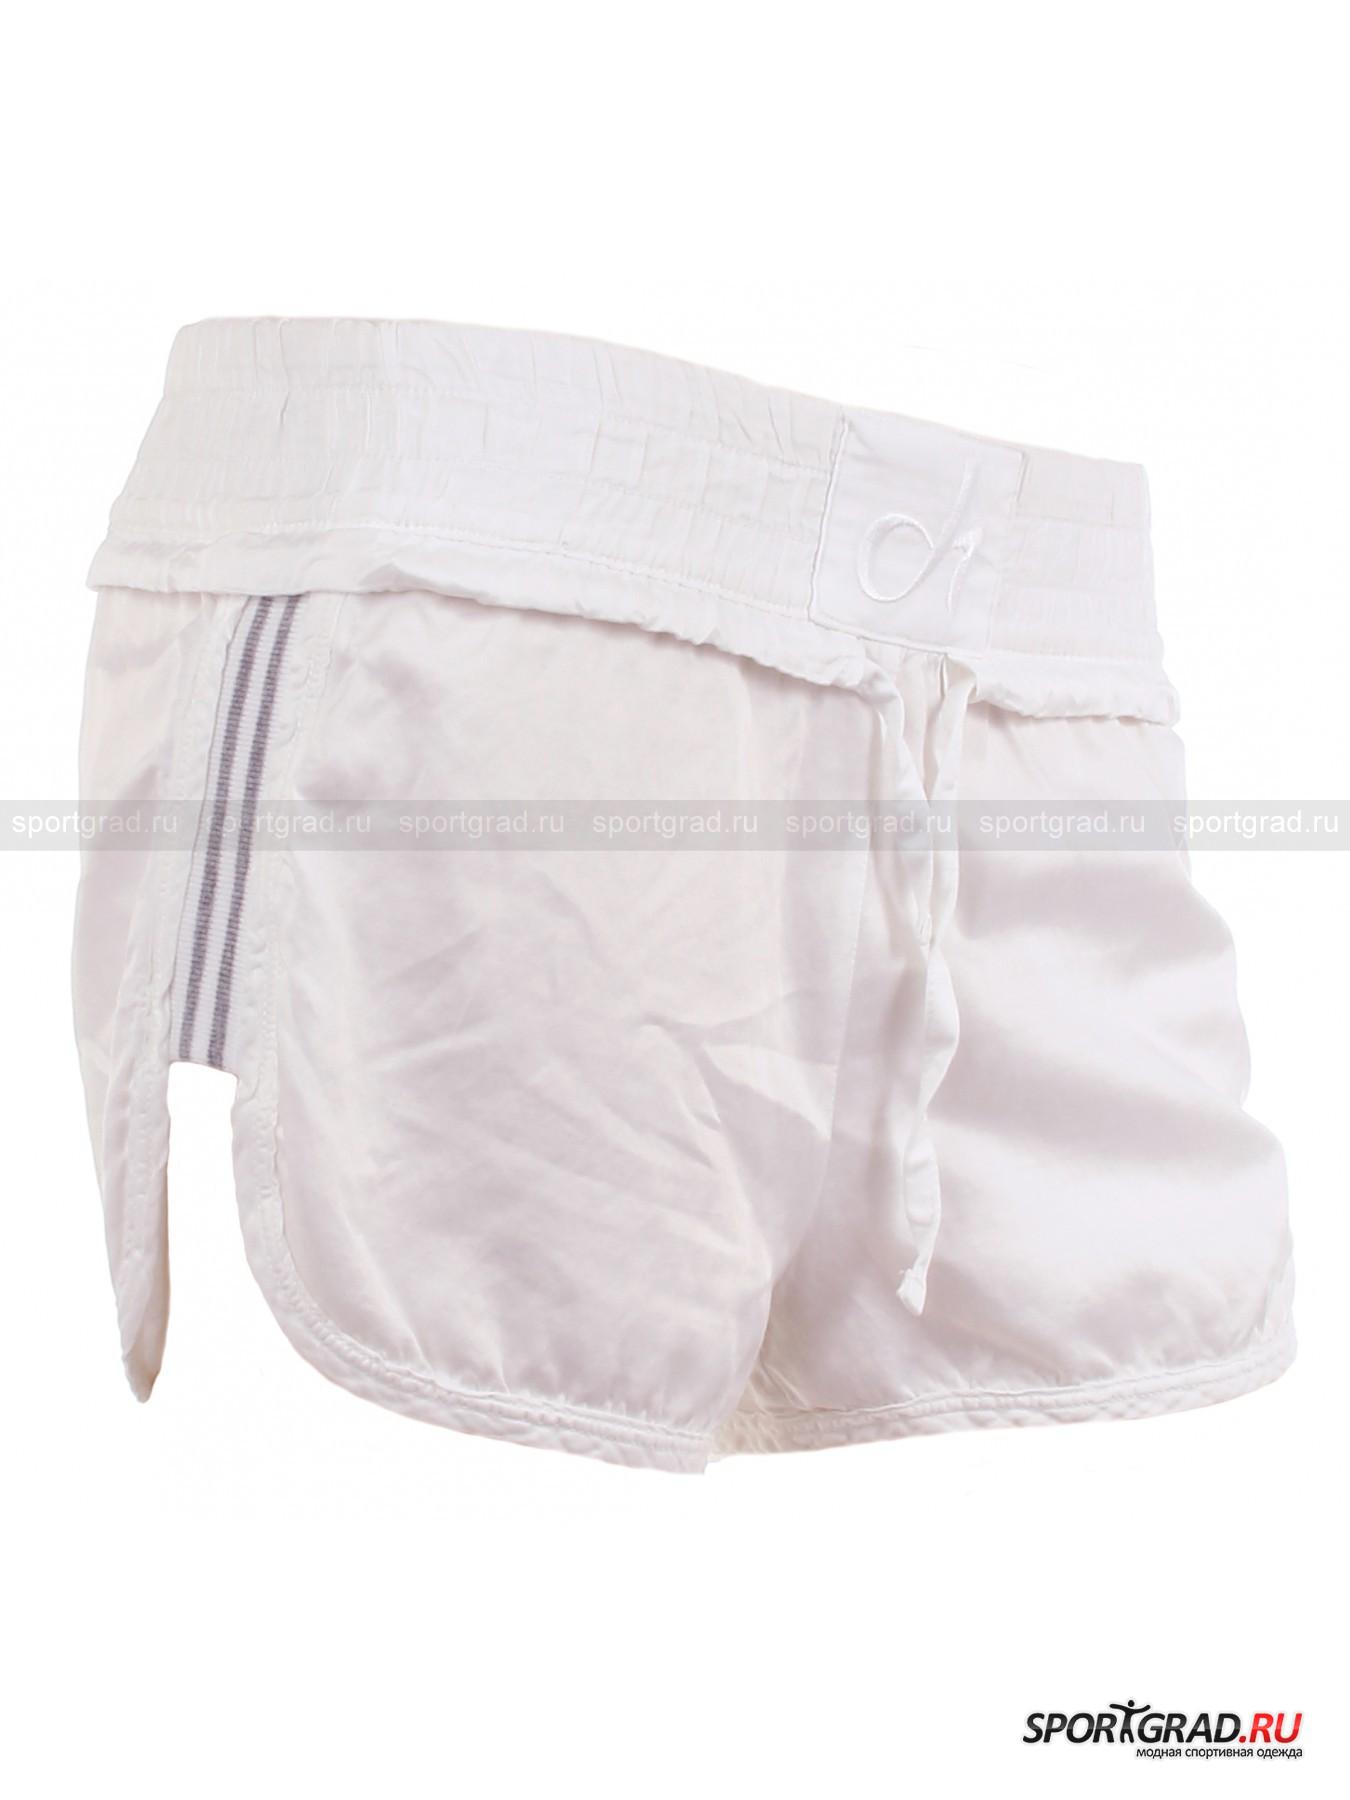 Шорты женские летние DehaШорты, Велосипедки<br>Прелестные женские шорты Deha с полосатыми трикотажными вставками по бокам и плавными подрезами максимально открывают бедро, делая акцент на красоте ног. Плоская резинка широкого пояса, дополненного по низу объемной кулиской, гарантирует надежную фиксацию изделия на бедрах и некоторый утягивающий эффект.<br><br>  Длина по боковому шву c учетом пояса ок. 17, 5 см, ширина по бедрам 46 см (размер XS).<br><br>Пол: Женский<br>Возраст: Взрослый<br>Тип: Шорты, Велосипедки<br>Рекомендации по уходу: Изделию показана стирка при температуре 30°, глажка при температуре, не превышающей 110°, и химчистка. Запрещены отбеливание и сушка в стиральной машине или электросушилке для белья.<br>Состав: Основное изделие: 55% хлопок, 45% купро. Вставки: 97% хлопок, 3% полиэстер.